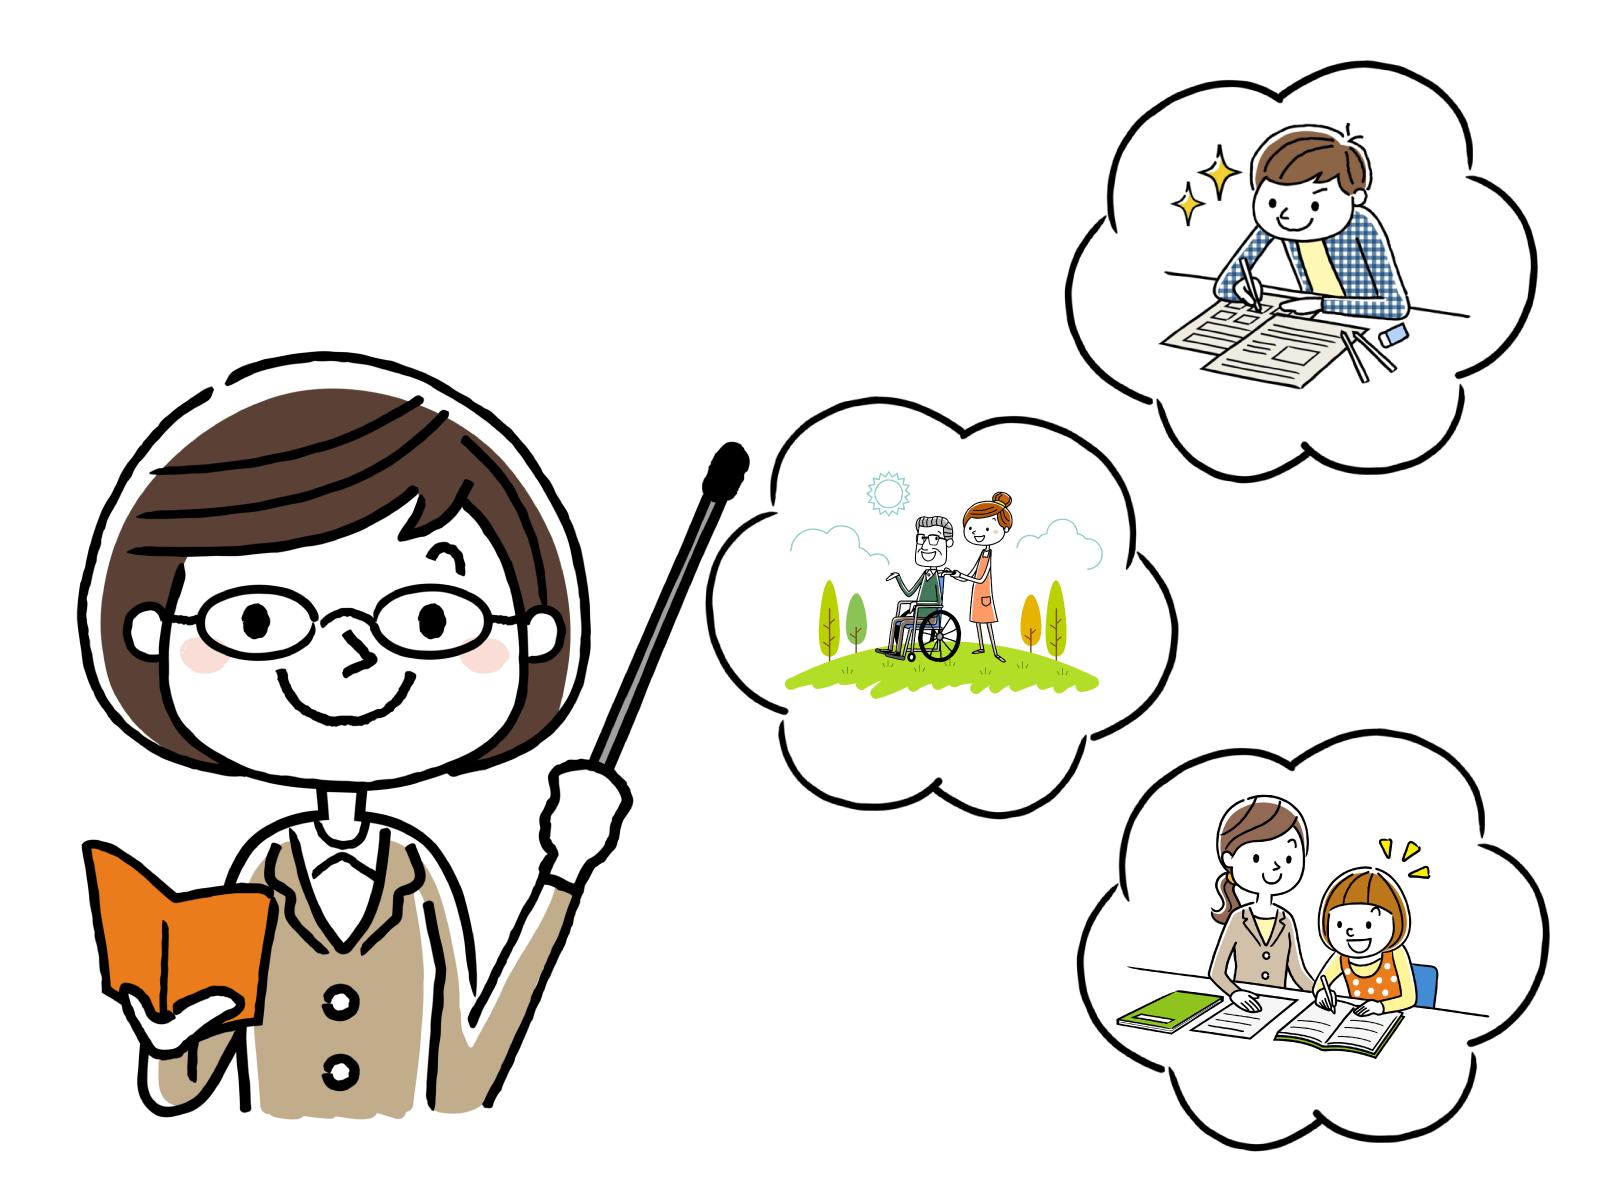 介護職向けの「再就職準備金貸付制度」のイメージイラスト